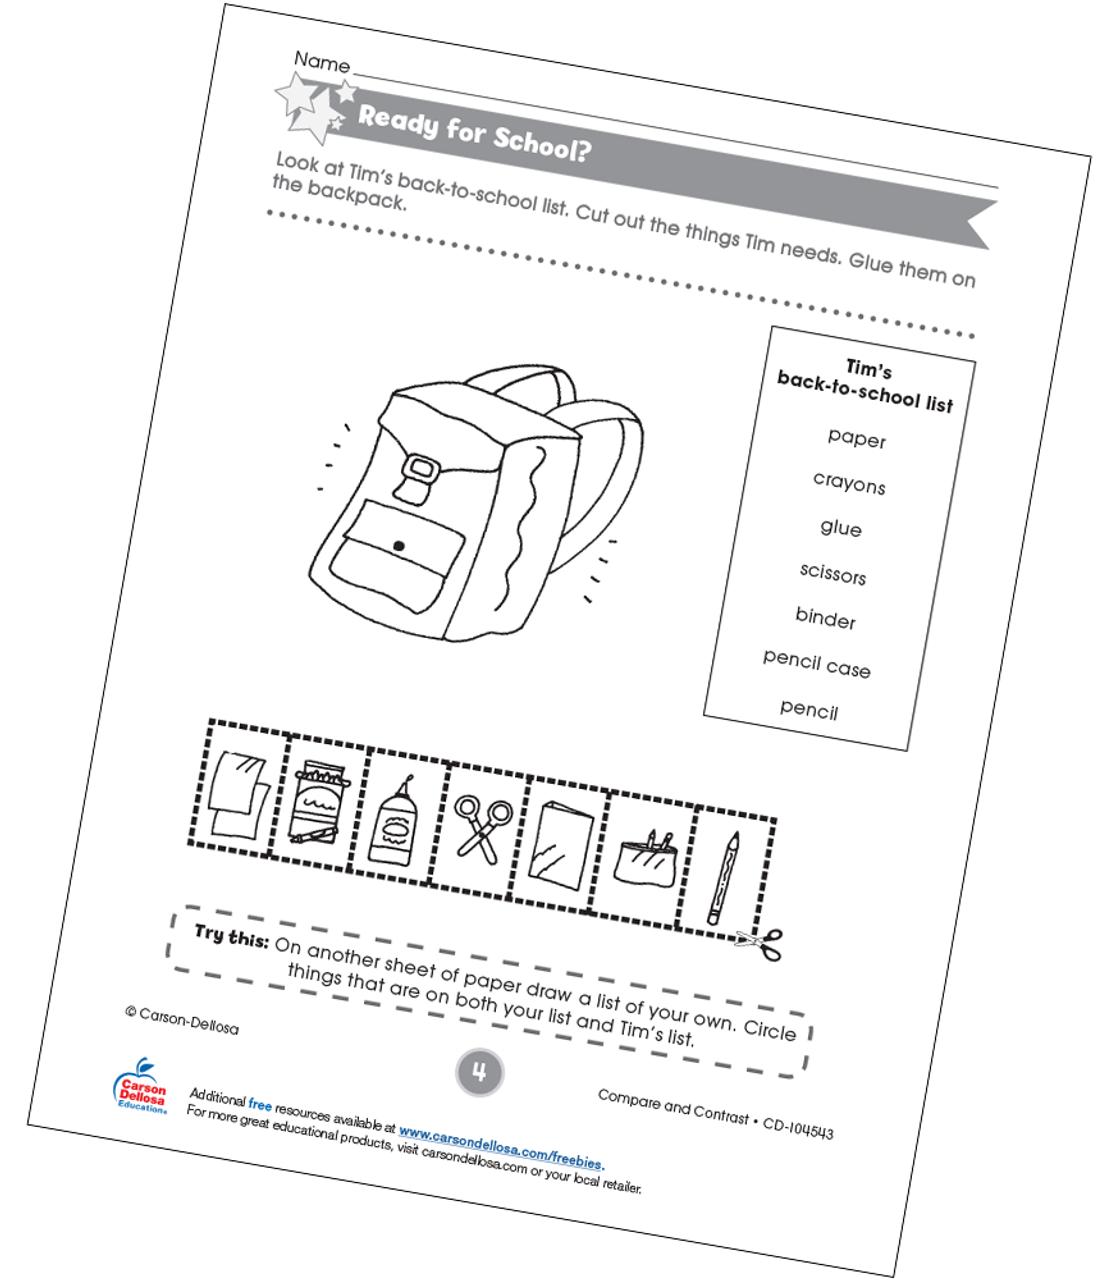 Ready for School Free Printable | Carson Dellosa